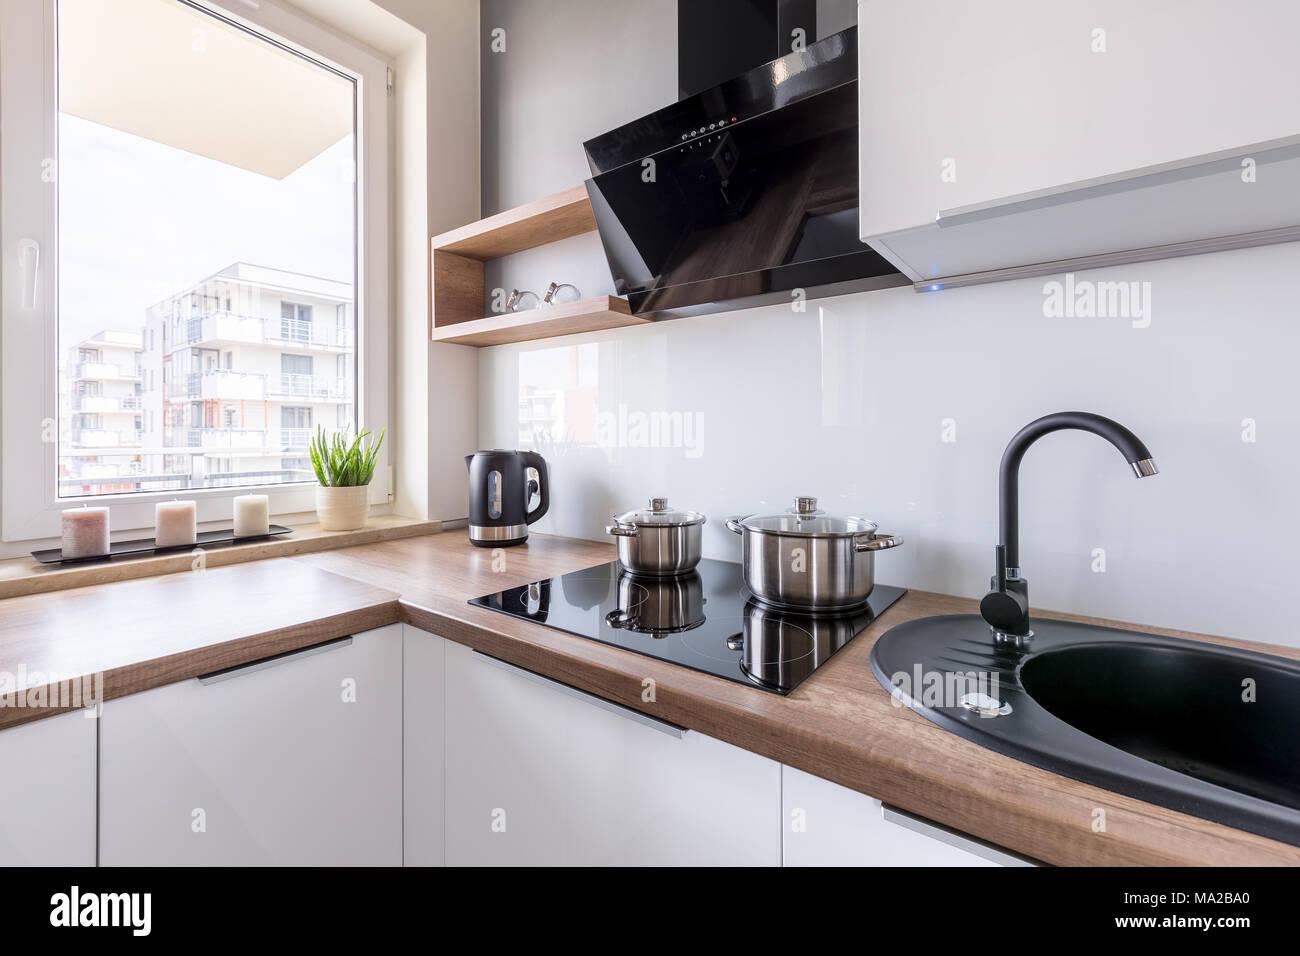 Moderne, weiße Küche mit Spüle, Arbeitsplatte und Fenster aus Holz ...